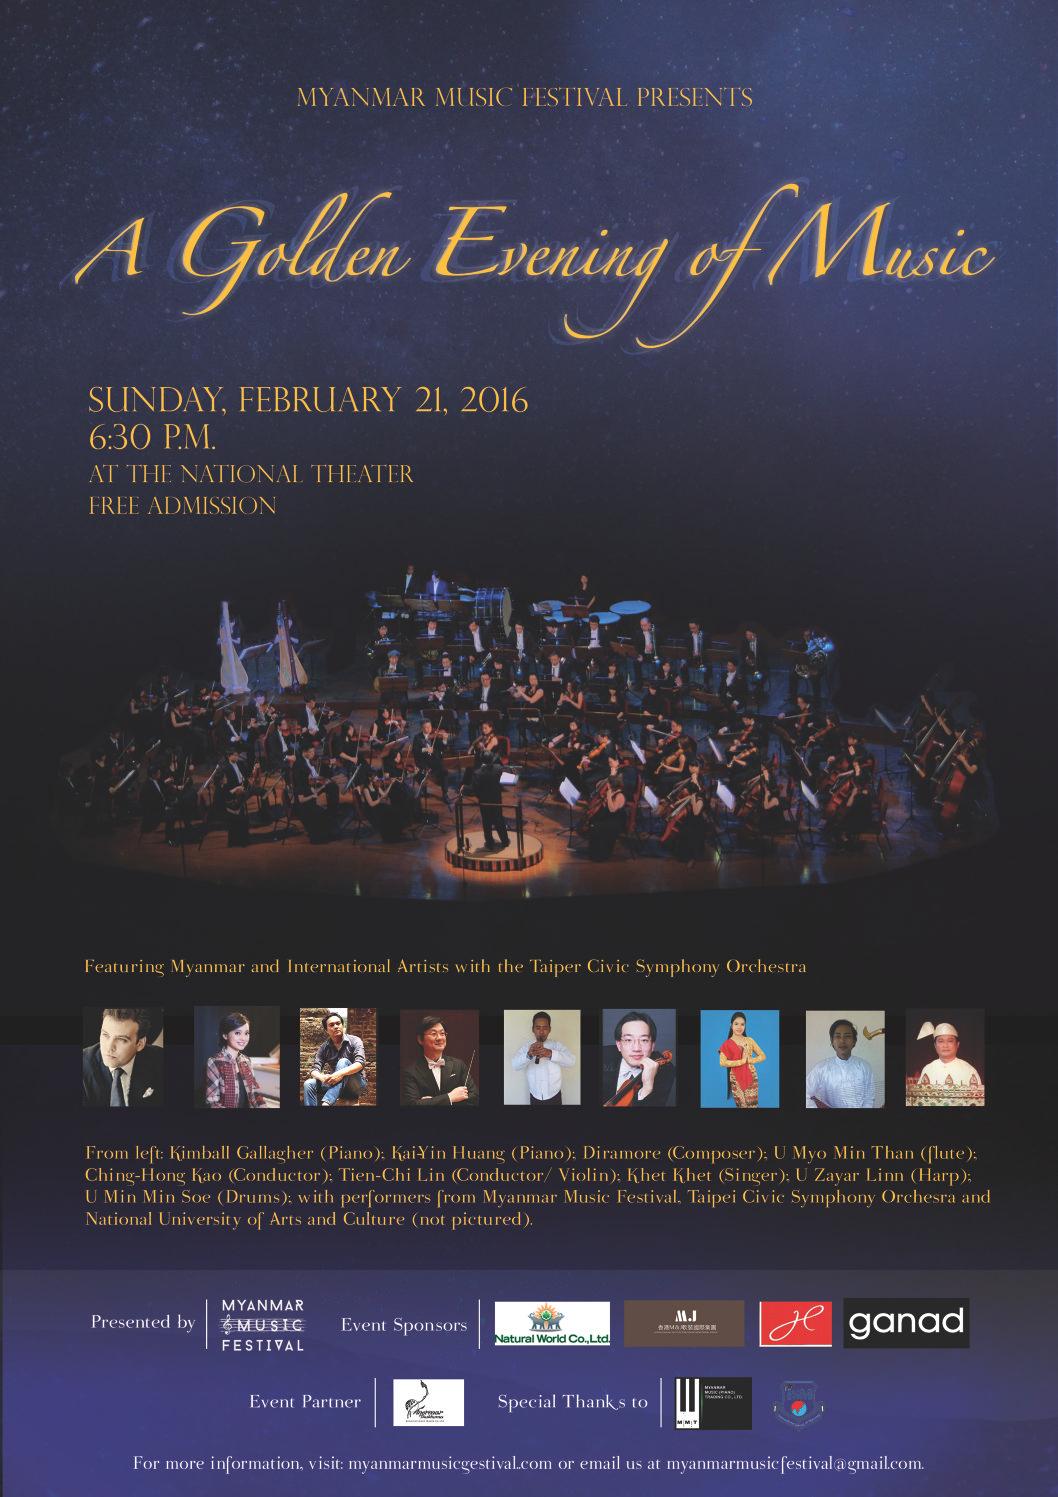 A Golden Evening of Music Poster